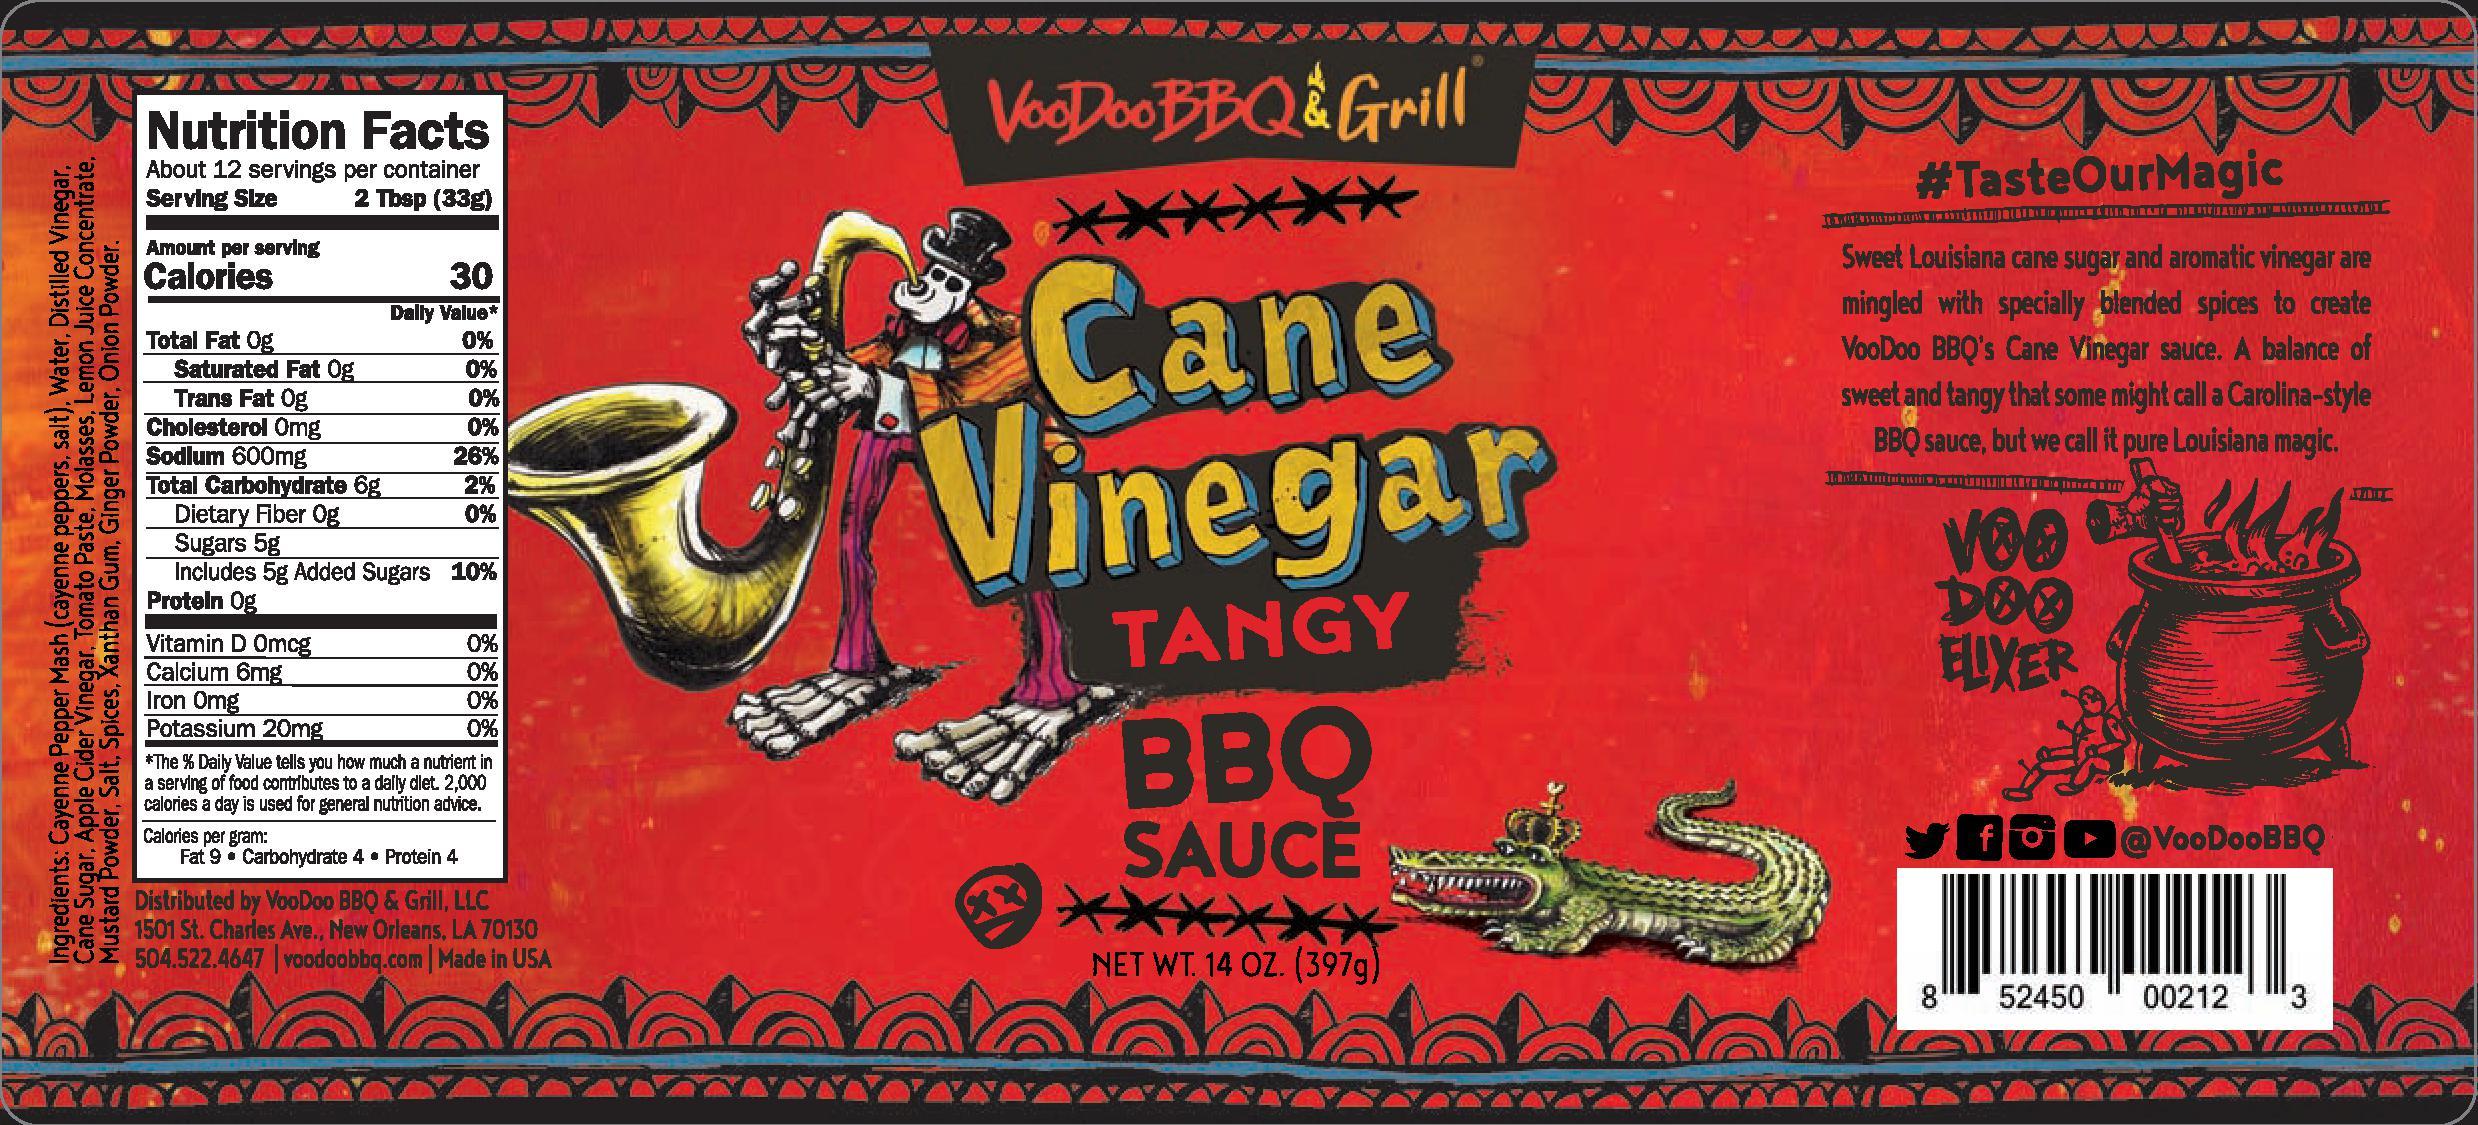 VooDoo Cane Vinegar Sauce